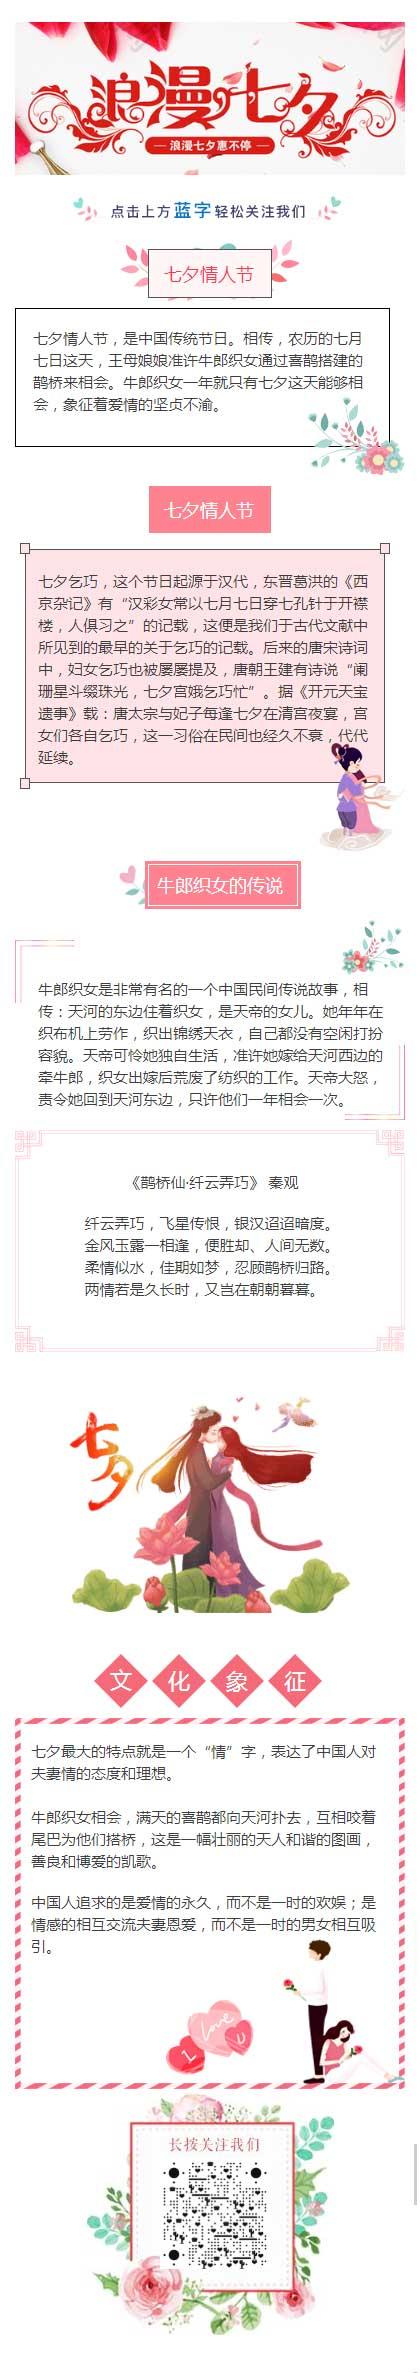 七夕情人节中国传统节日公众号文章模板粉红色